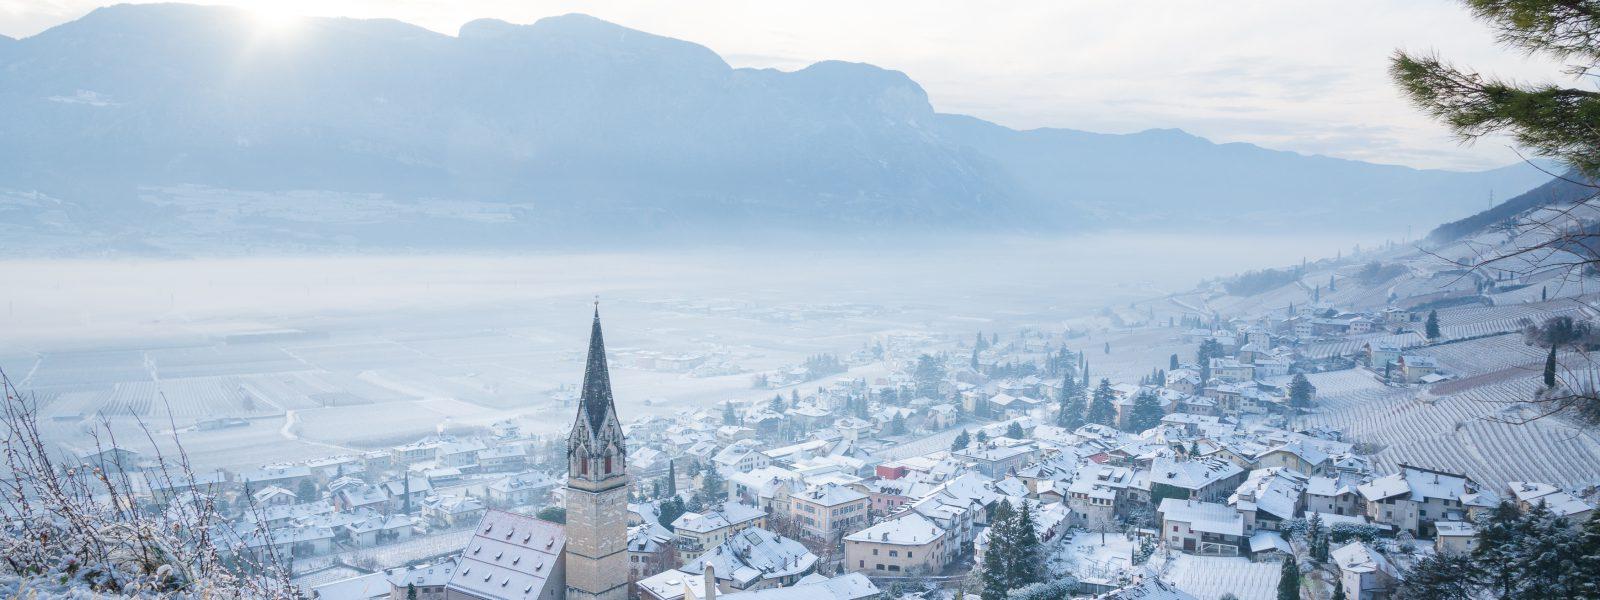 Tramin_im_Winter_Schnee